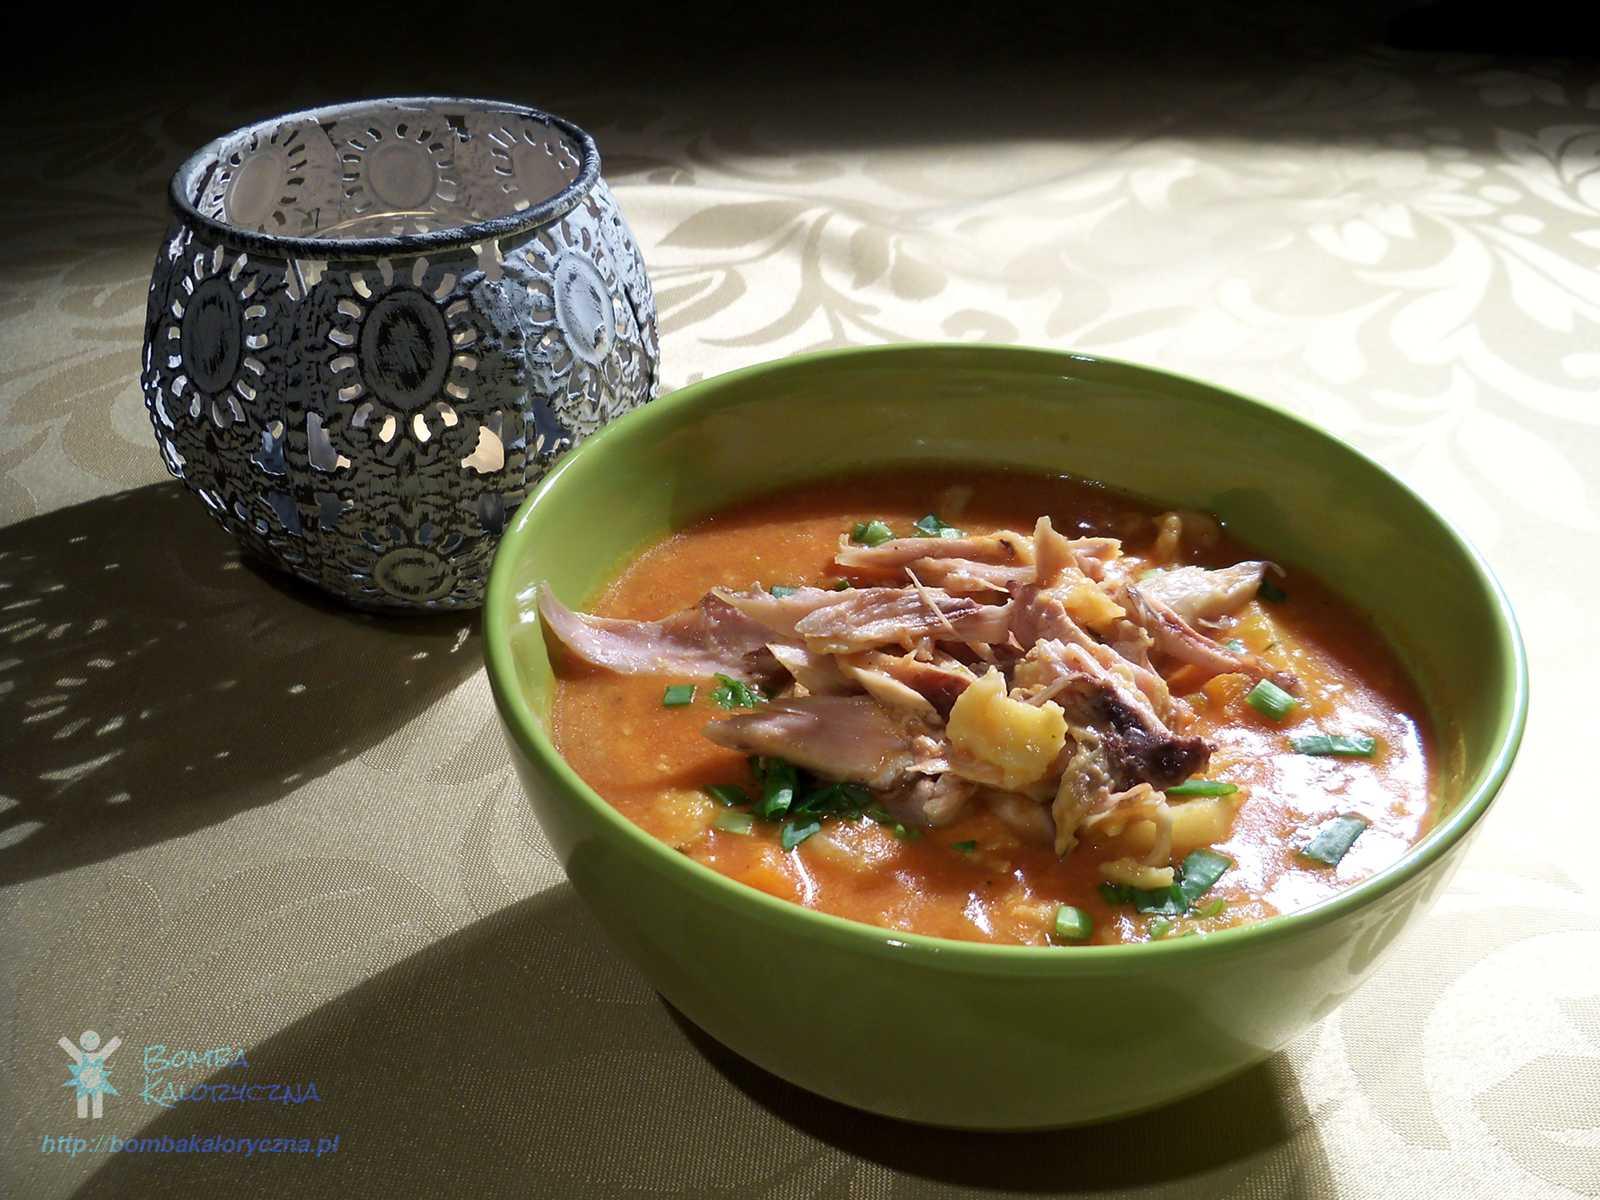 Mięsna zupa pomidorowa zkluskami lanymi iwarzywami